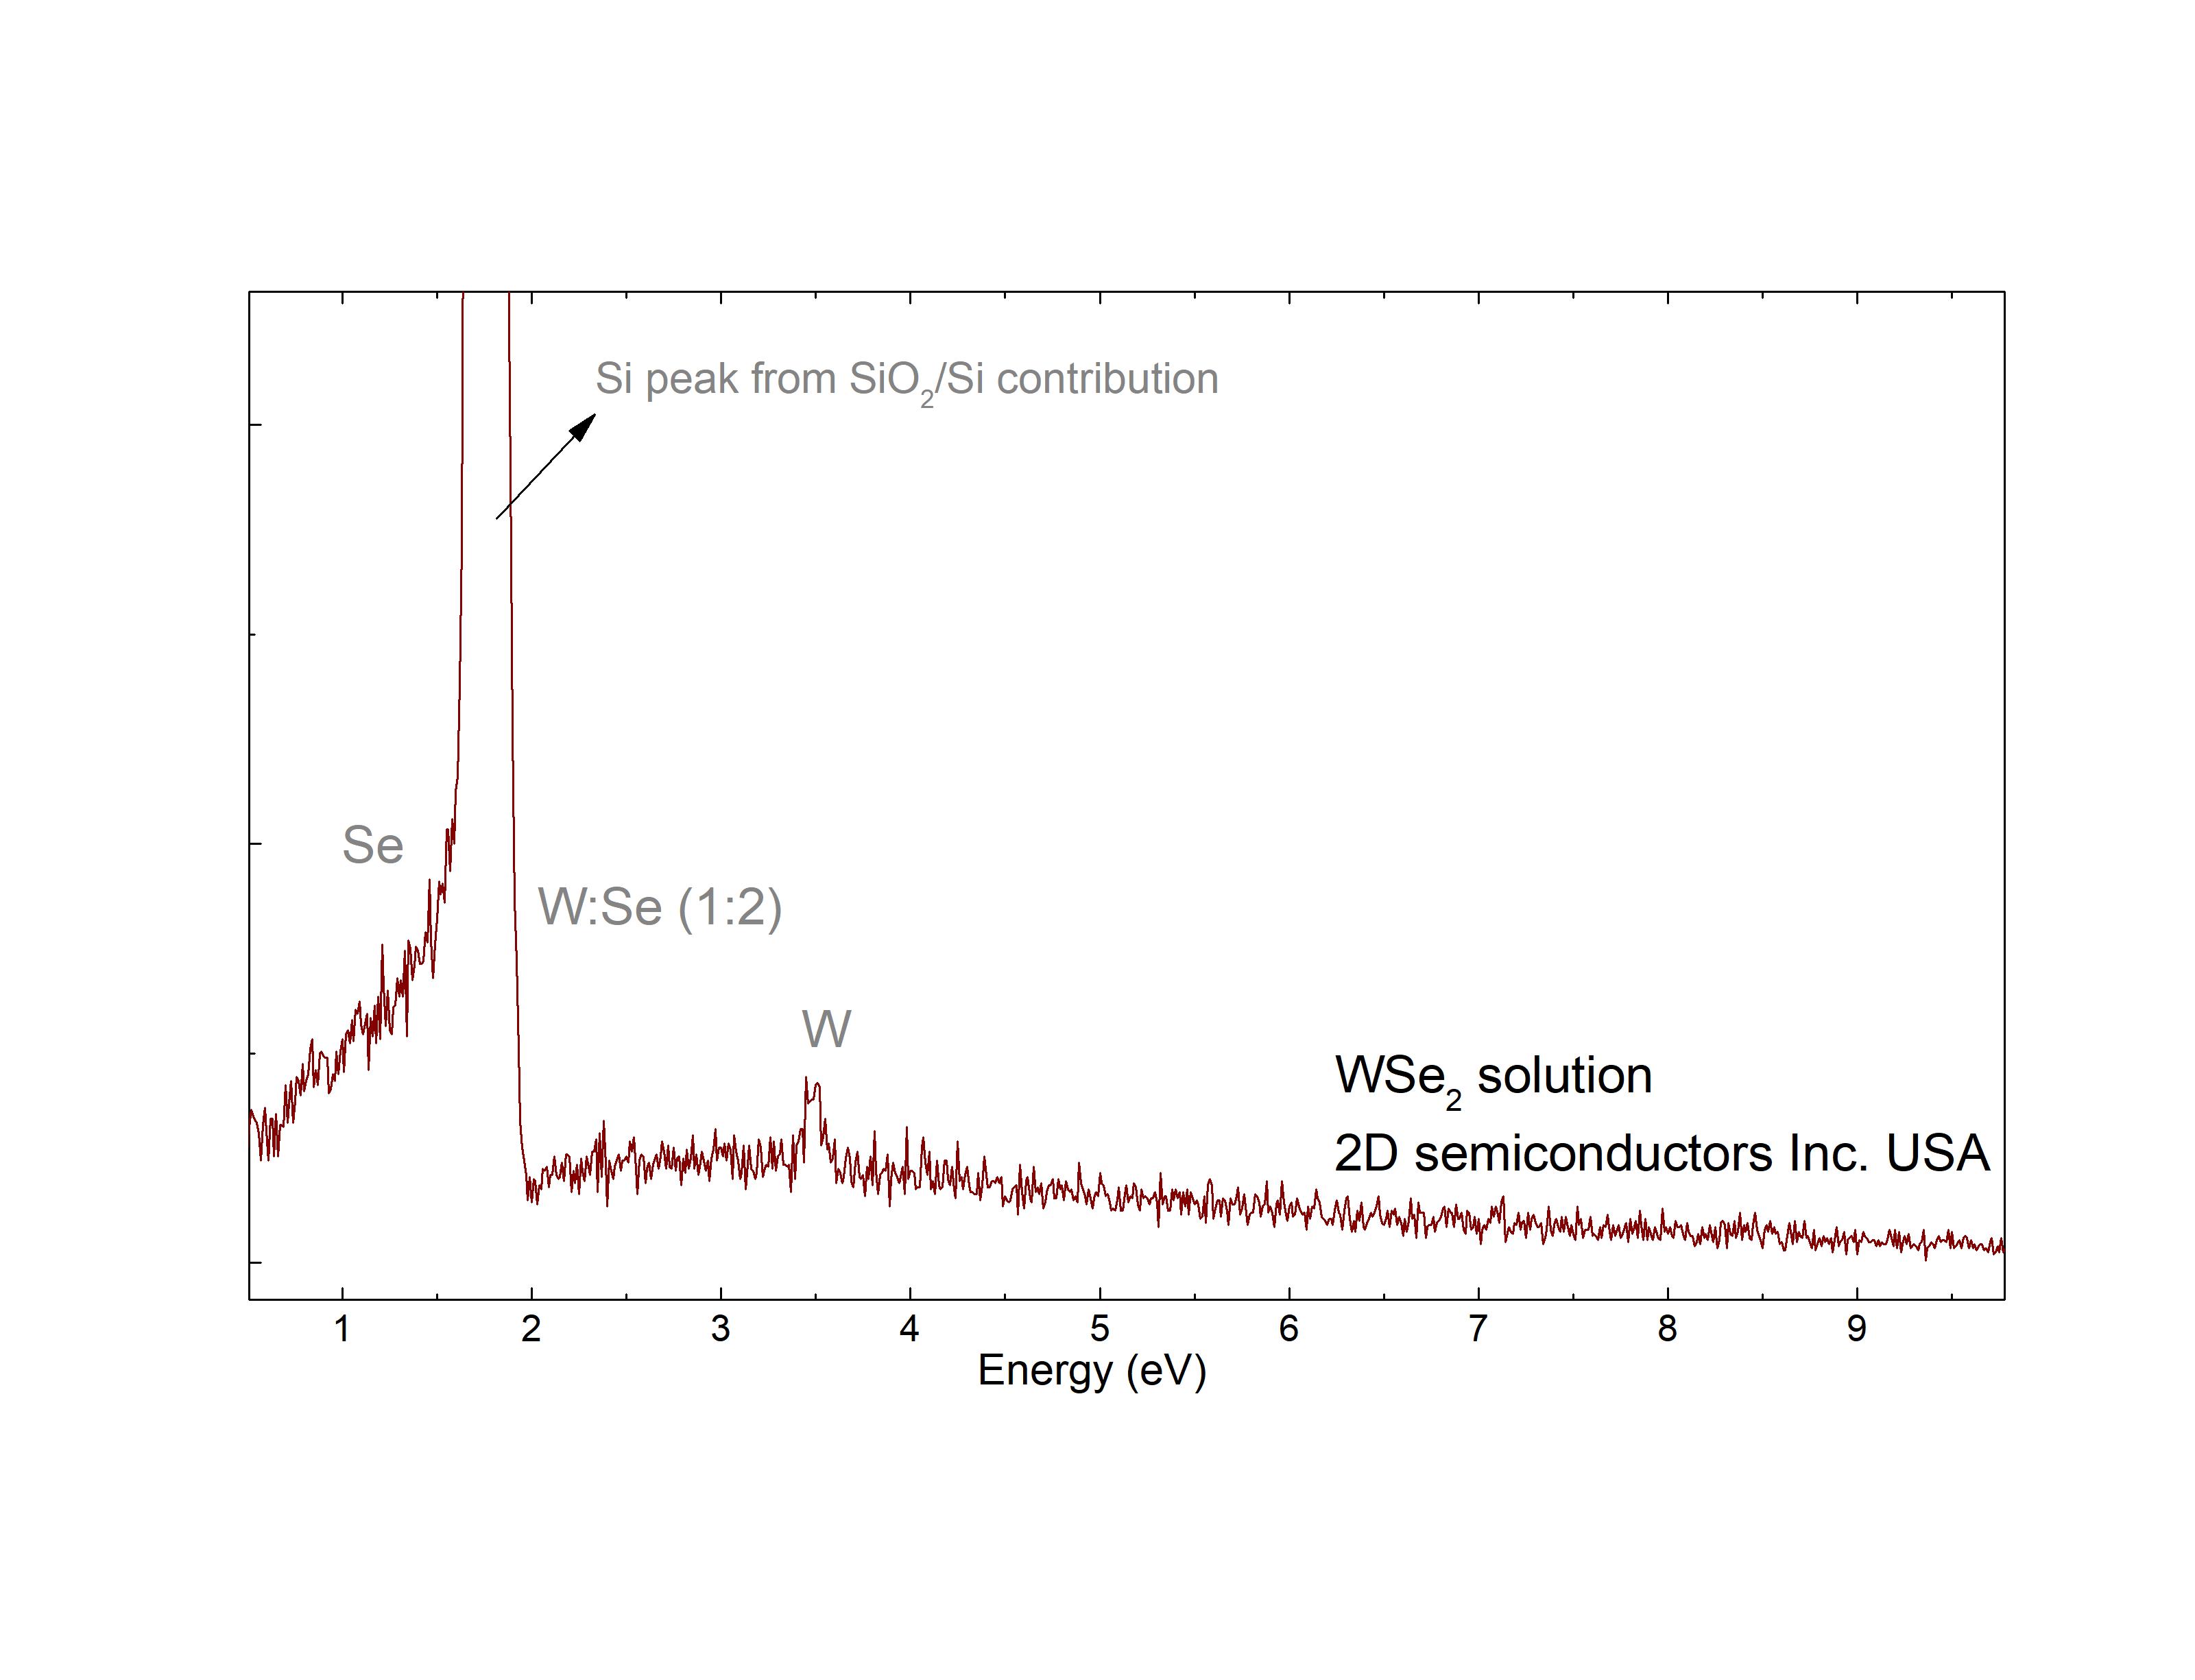 2D WSe2 solution EDS